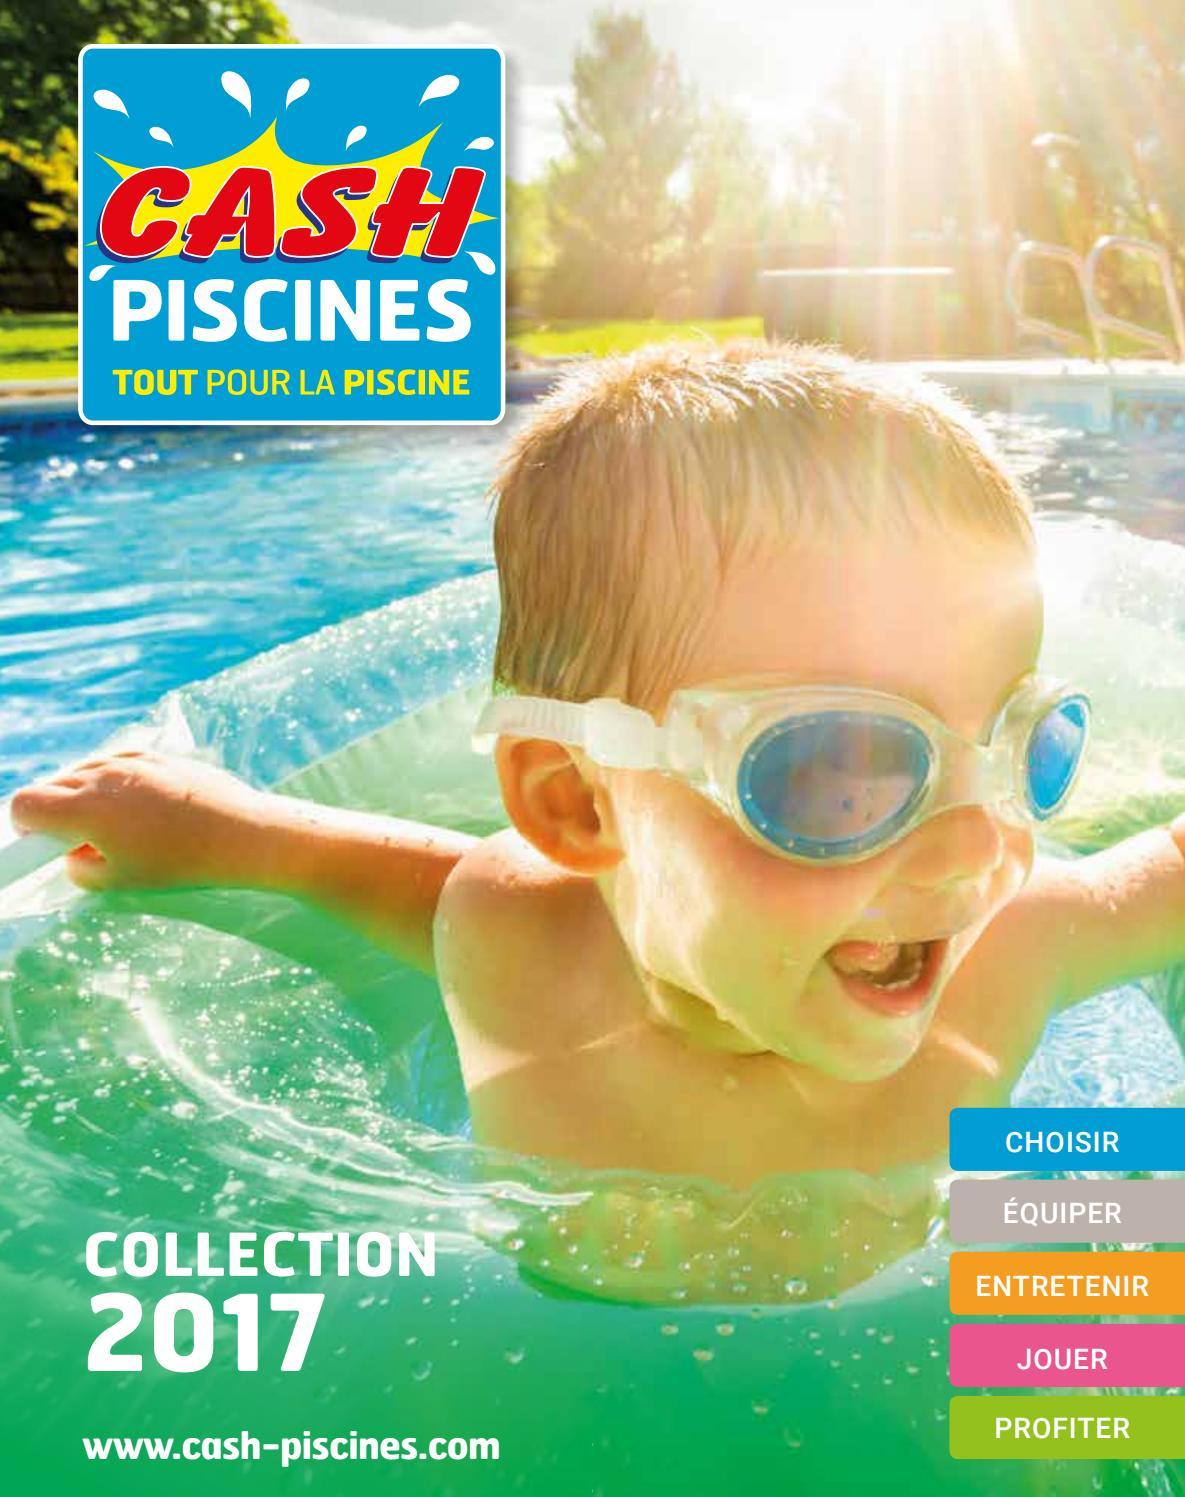 Catalogue Cash Piscine 2017 By Octave Octave - Issuu intérieur Cash Piscine Langon